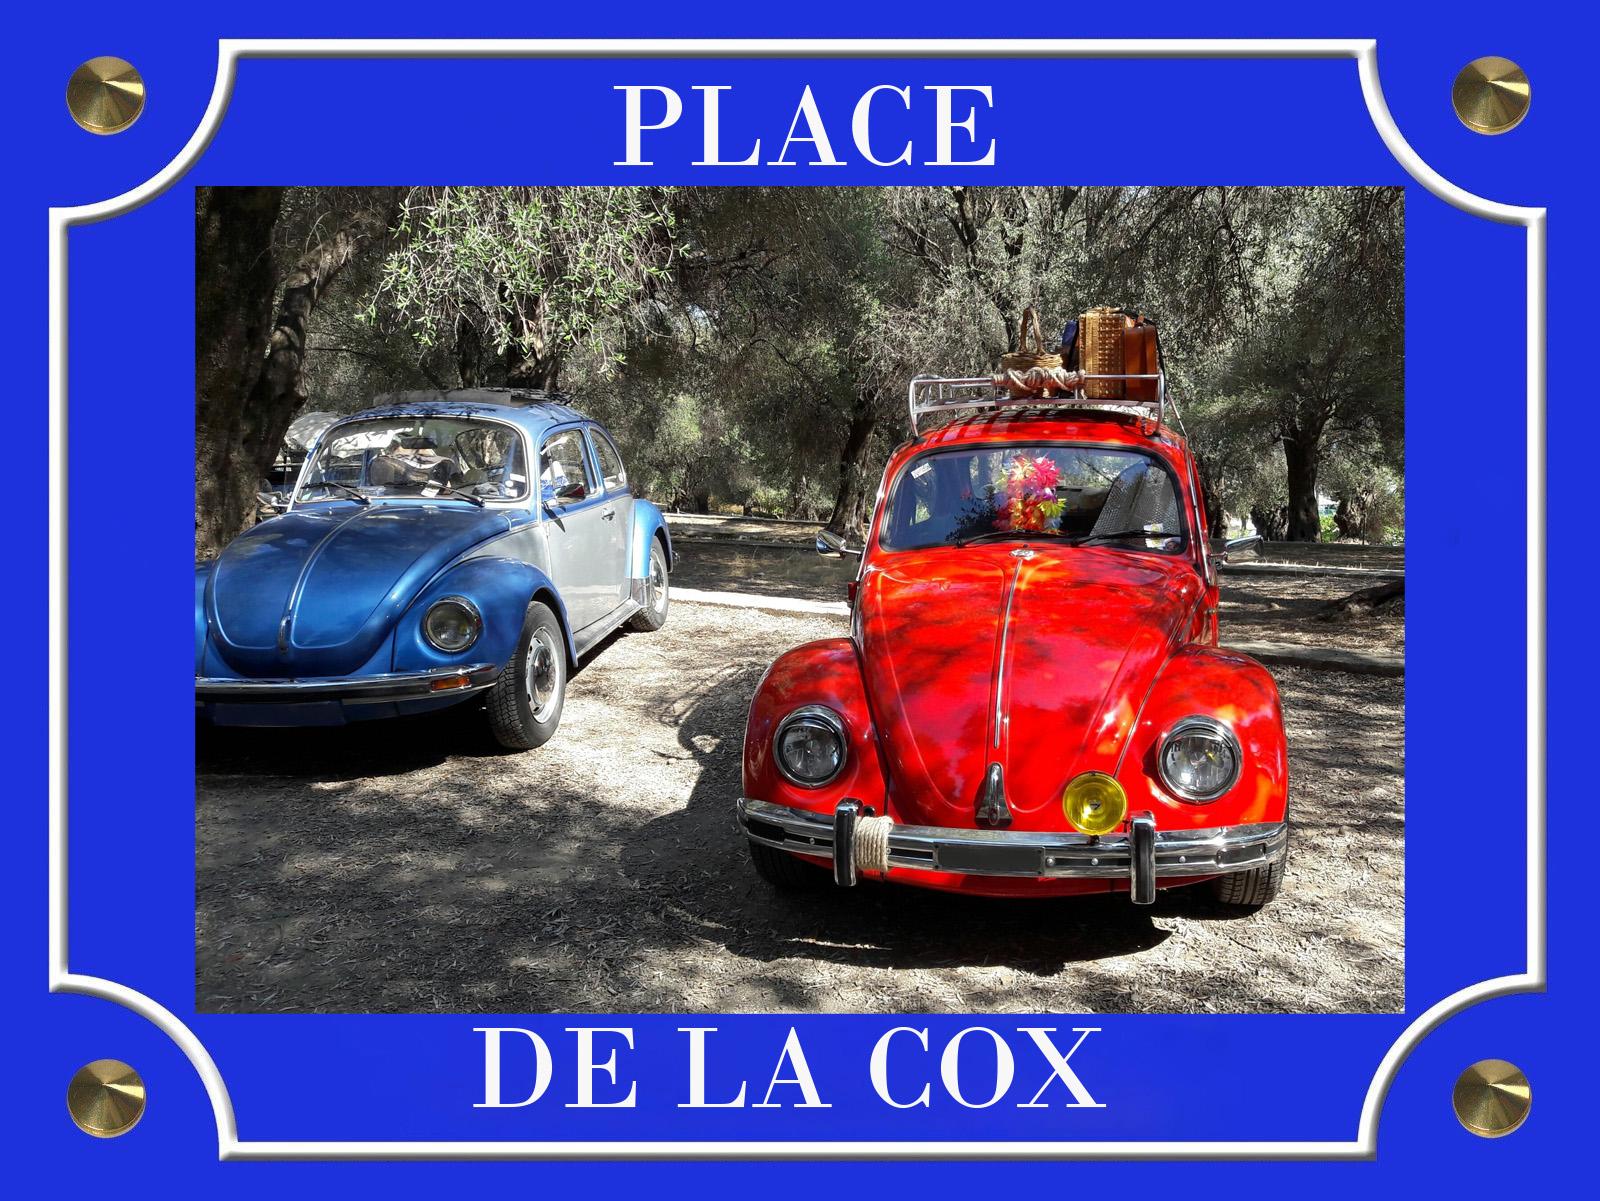 PLACE DE LA COX BLEU & ROUGE 1